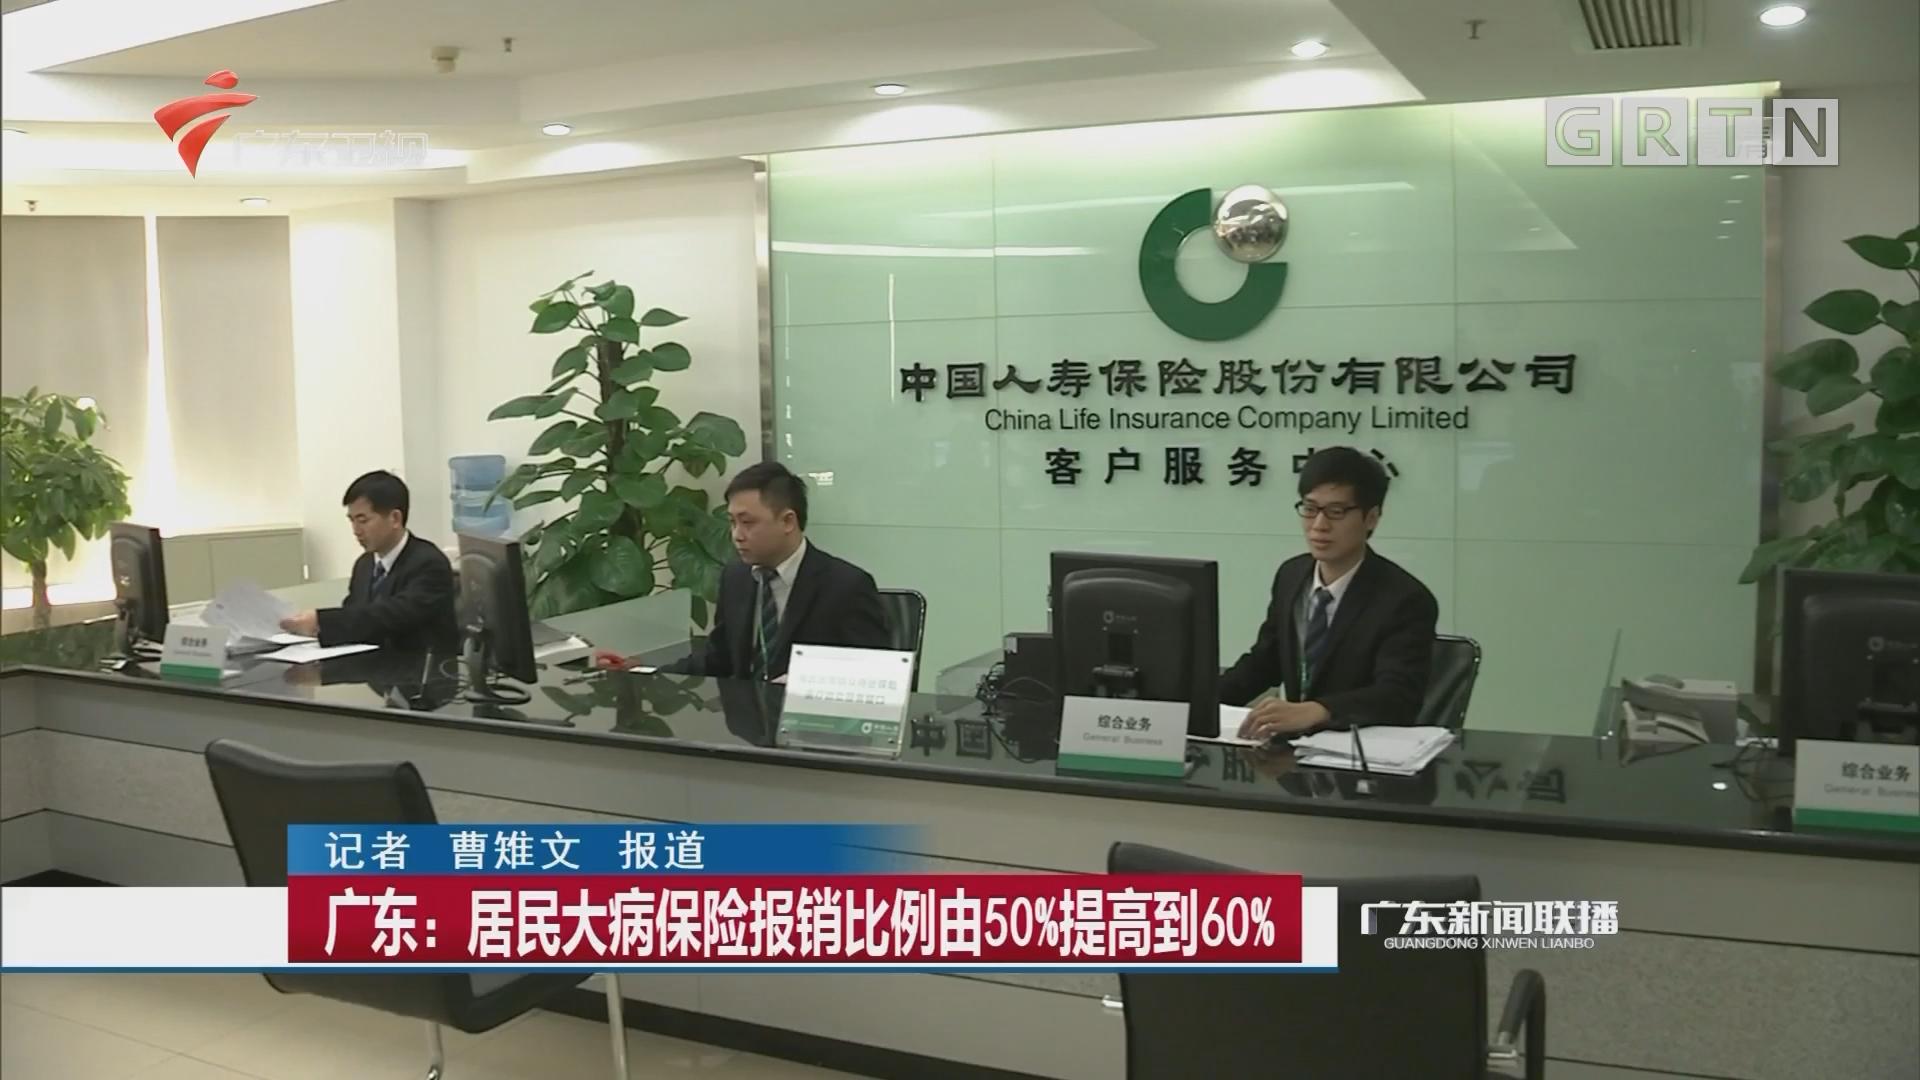 广东:居民大病保险报销比例由50%提高到60%